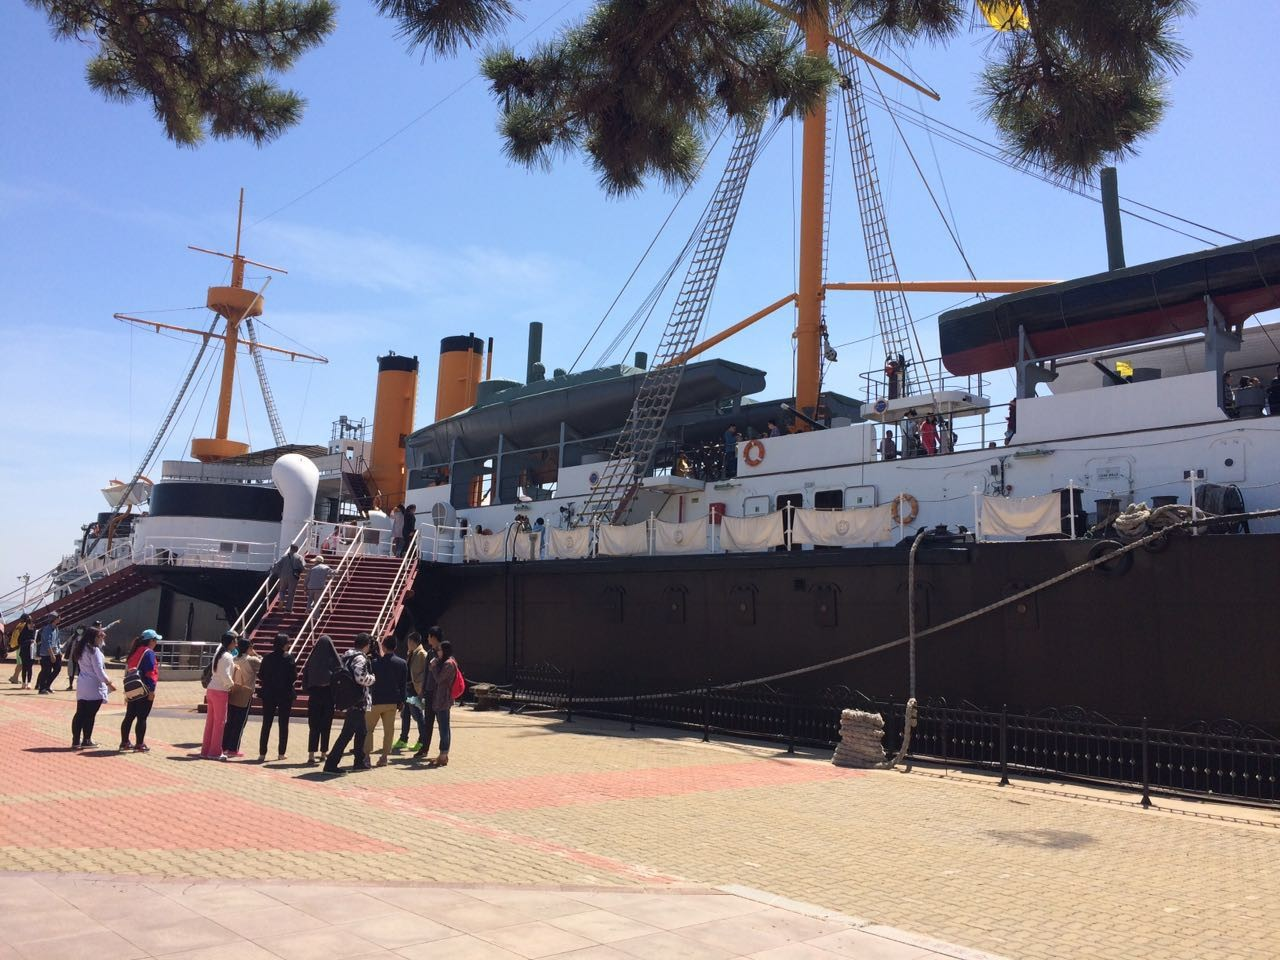 威海蓬莱超值跟团二日游:蓬莱八仙渡海、威海定远舰经典二日游